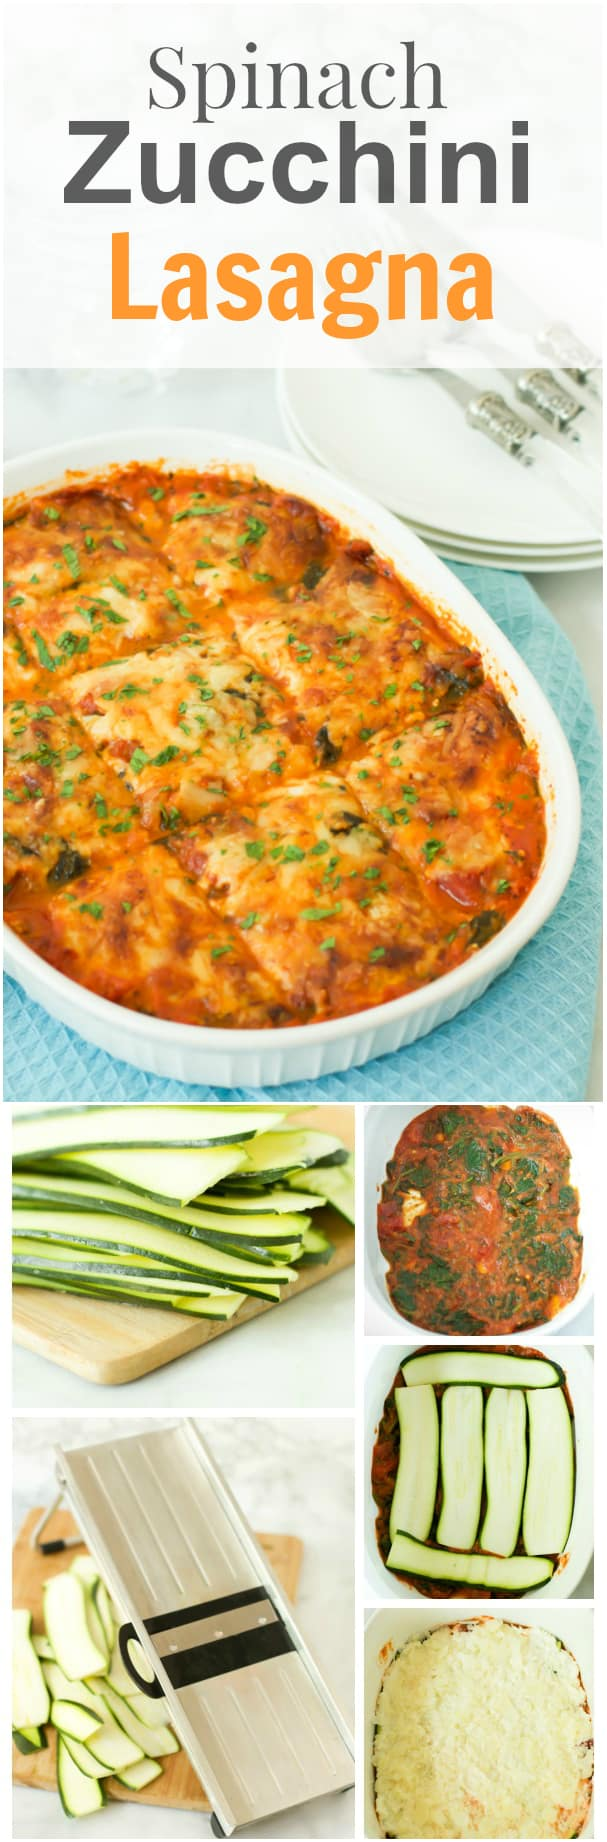 Spinach Zucchini Lasagna